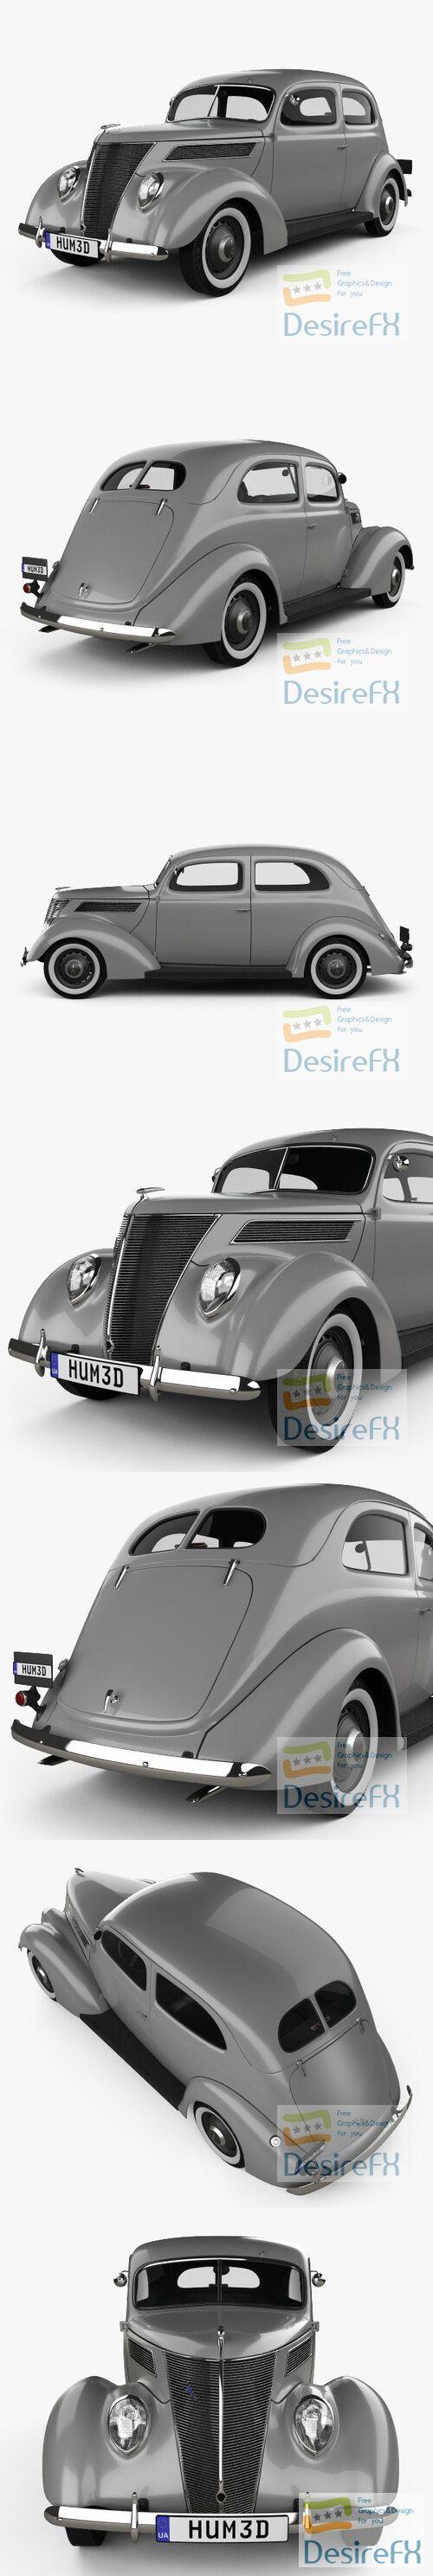 Ford V8 Model 78 Standard Tudor Sedan 1937 3D Model